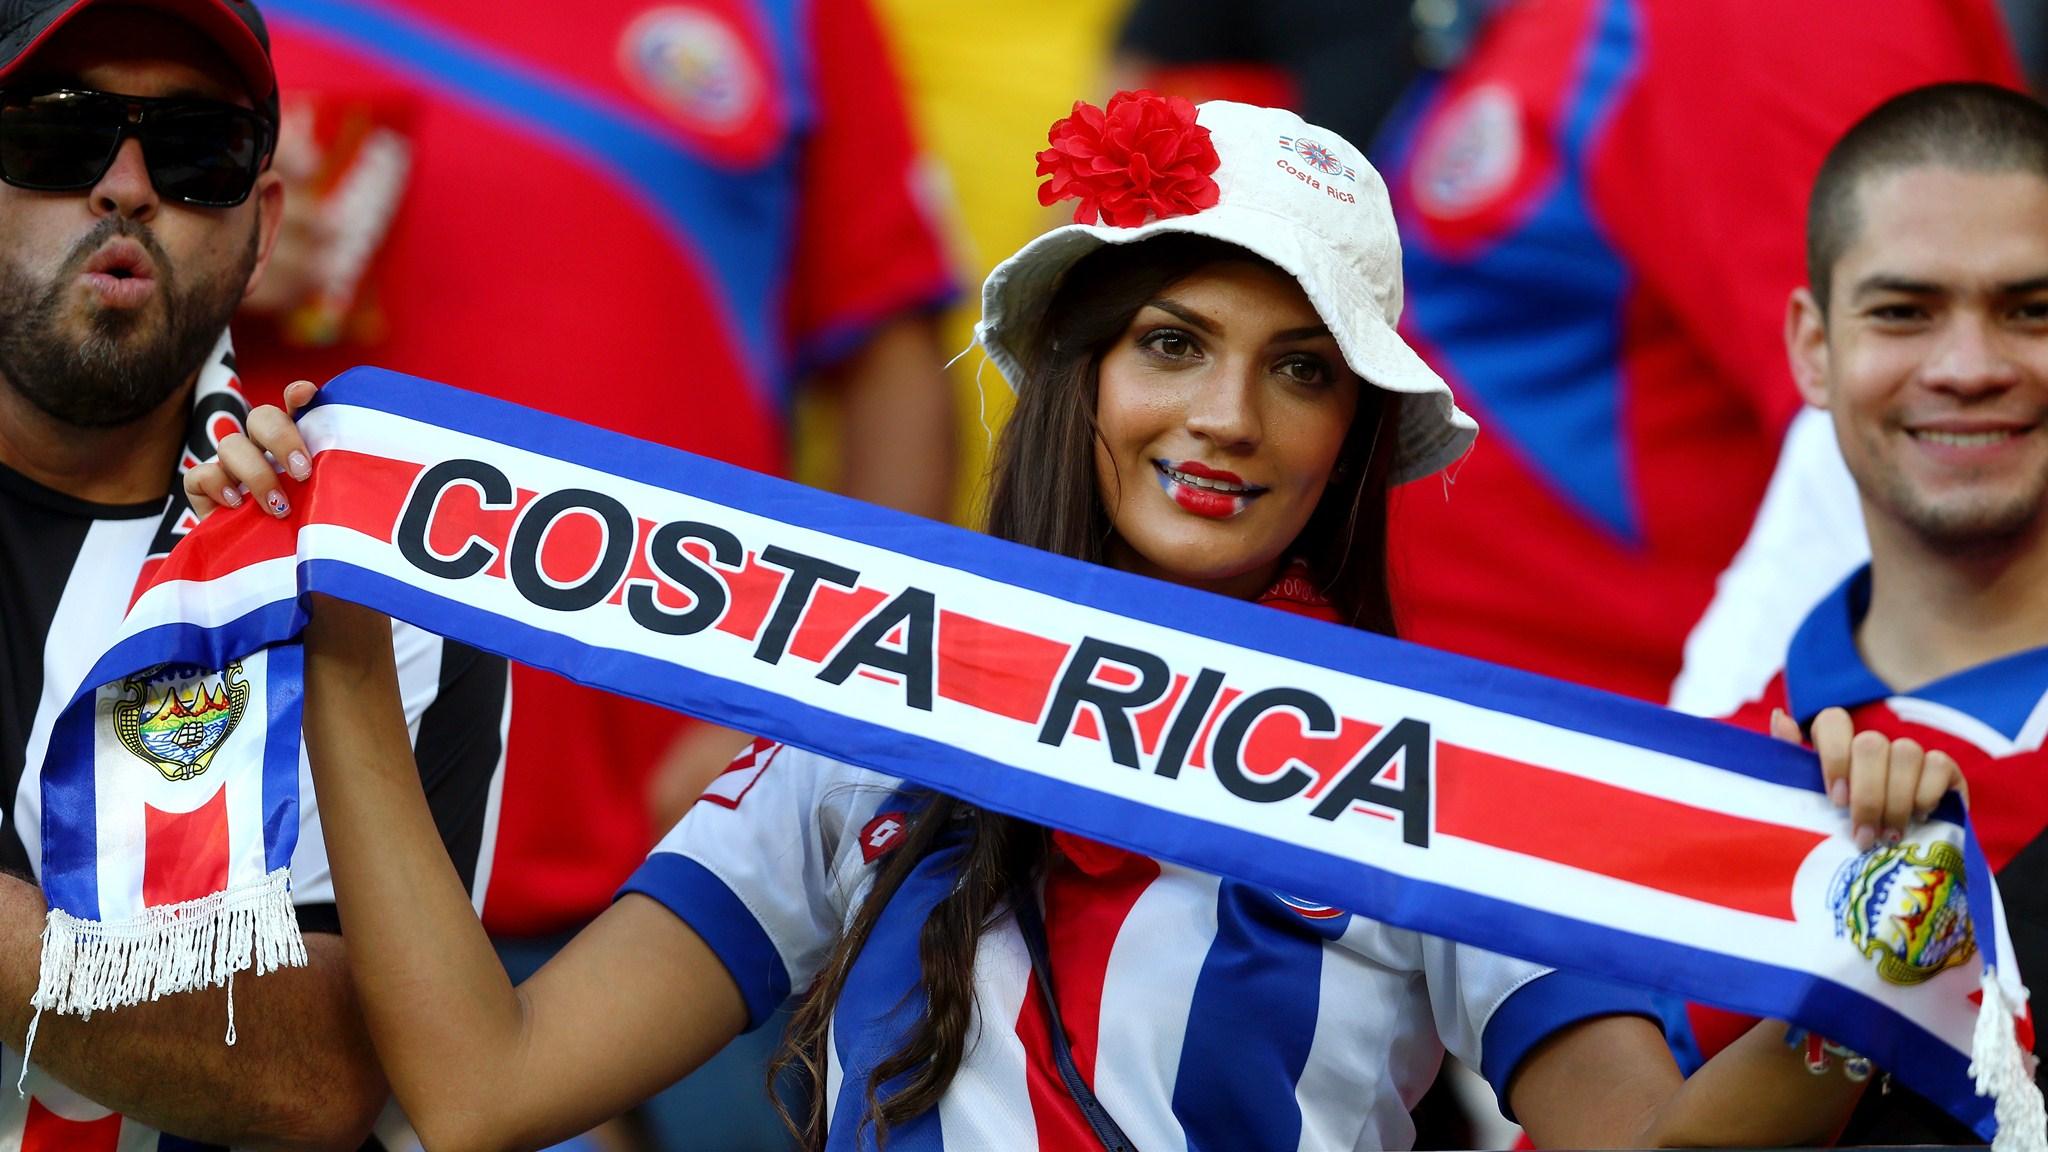 167 - Costa Rica-Greece [1-1 - Costa Rica win on penalties (5 - 3)] -- 29 Jun 2014 - 17-00 - kuaza